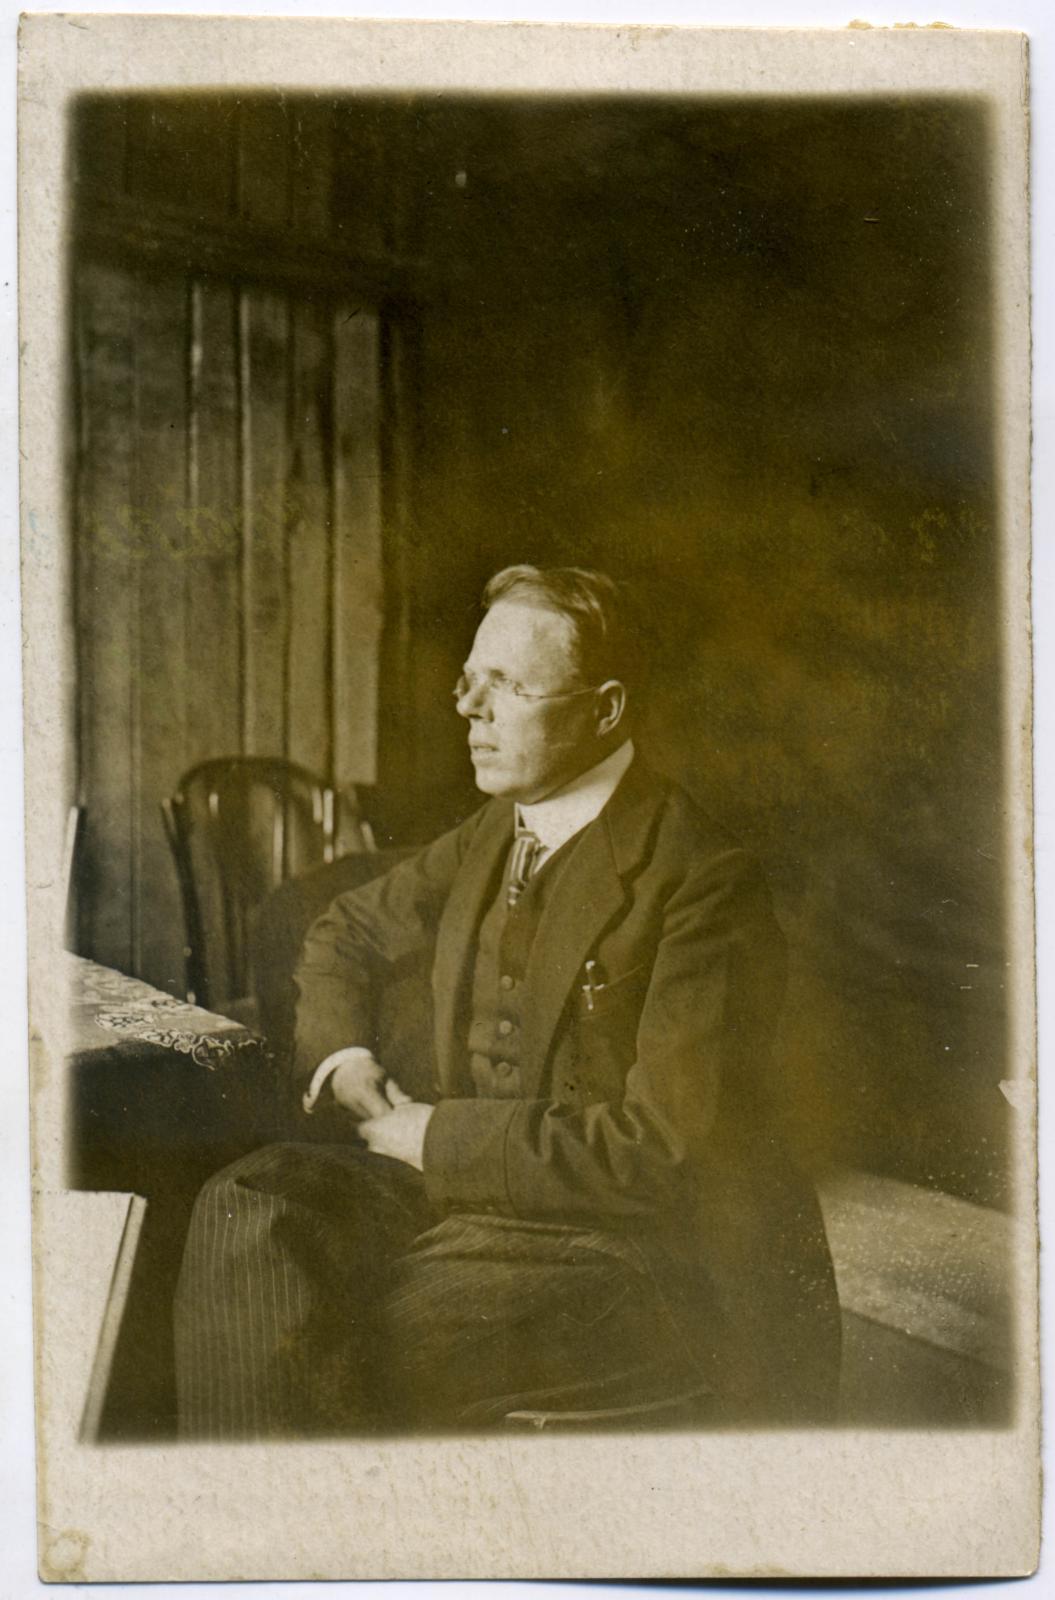 22. Алоис Муна (чеш. Alois Můňa, 1886-1943) – чешский коммунист, деятель Коминтерна, один из обвинителей на процессе эсеров